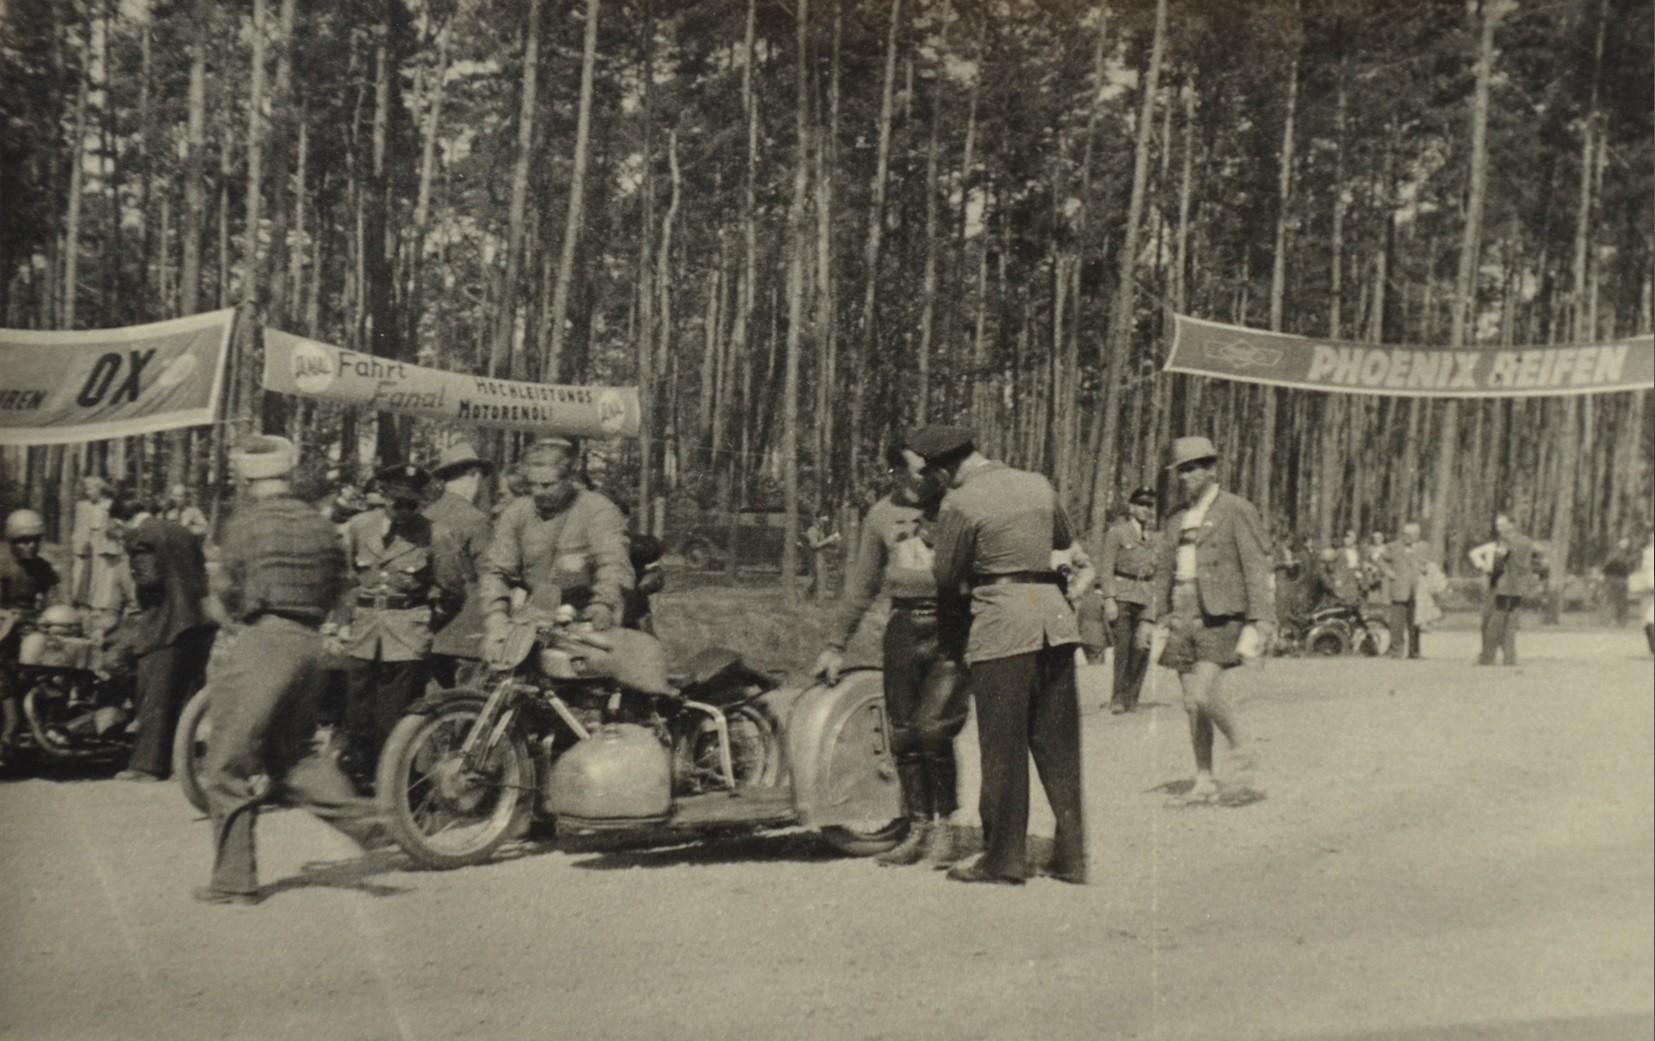 Vorbereitung zum Seitenwagenrennen auf altem Hockenheimring Mai 1950